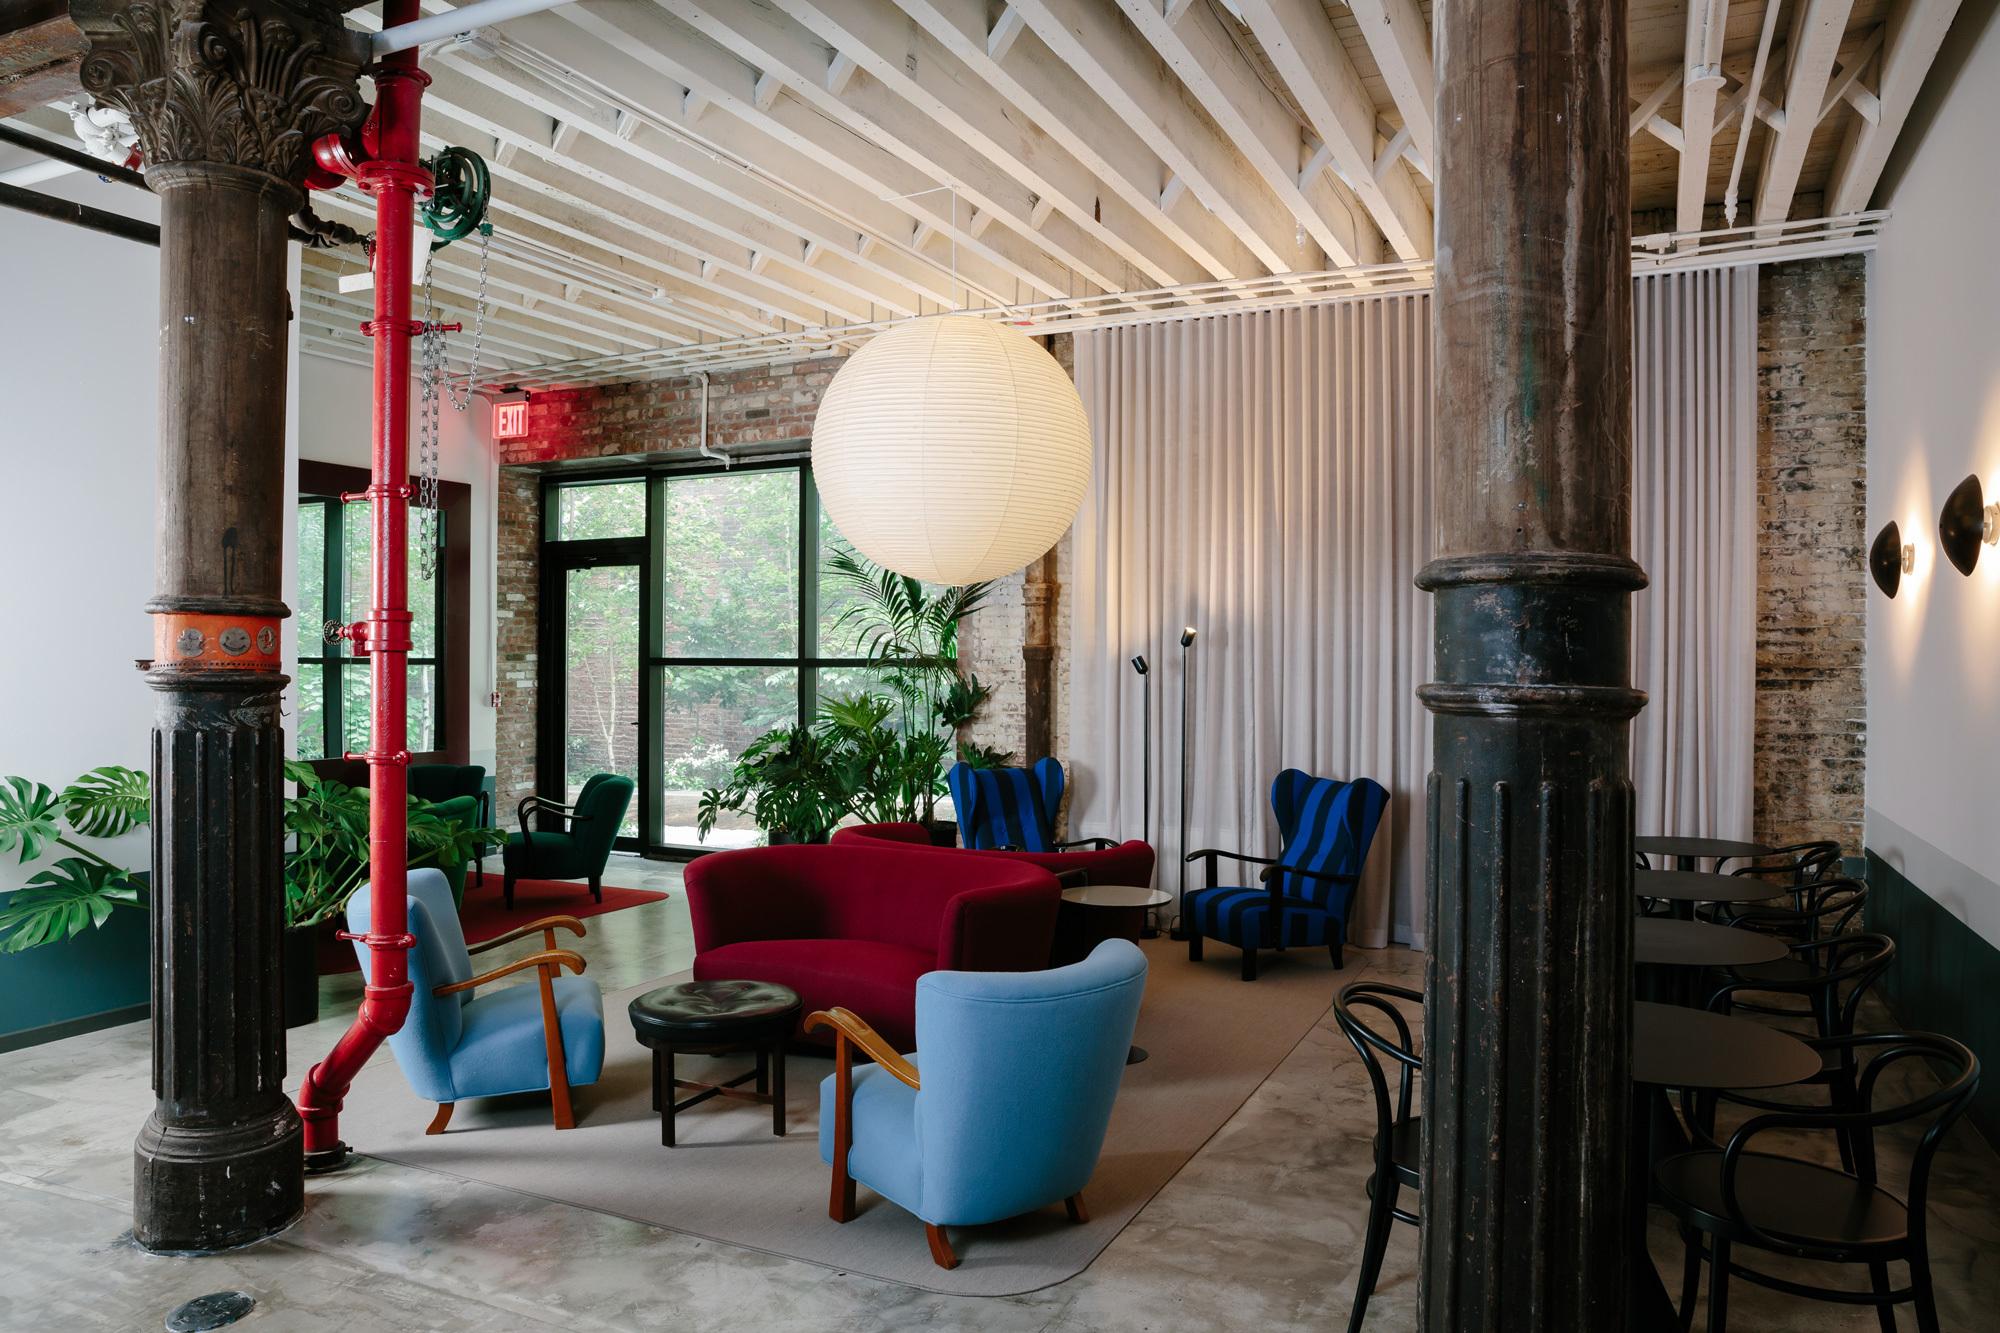 Das großzügige Foyer ist durch Sitzgruppen mit neu bezogenen Art-déco-Stühlen unterteilt und ähnelt einer Hotellobby.